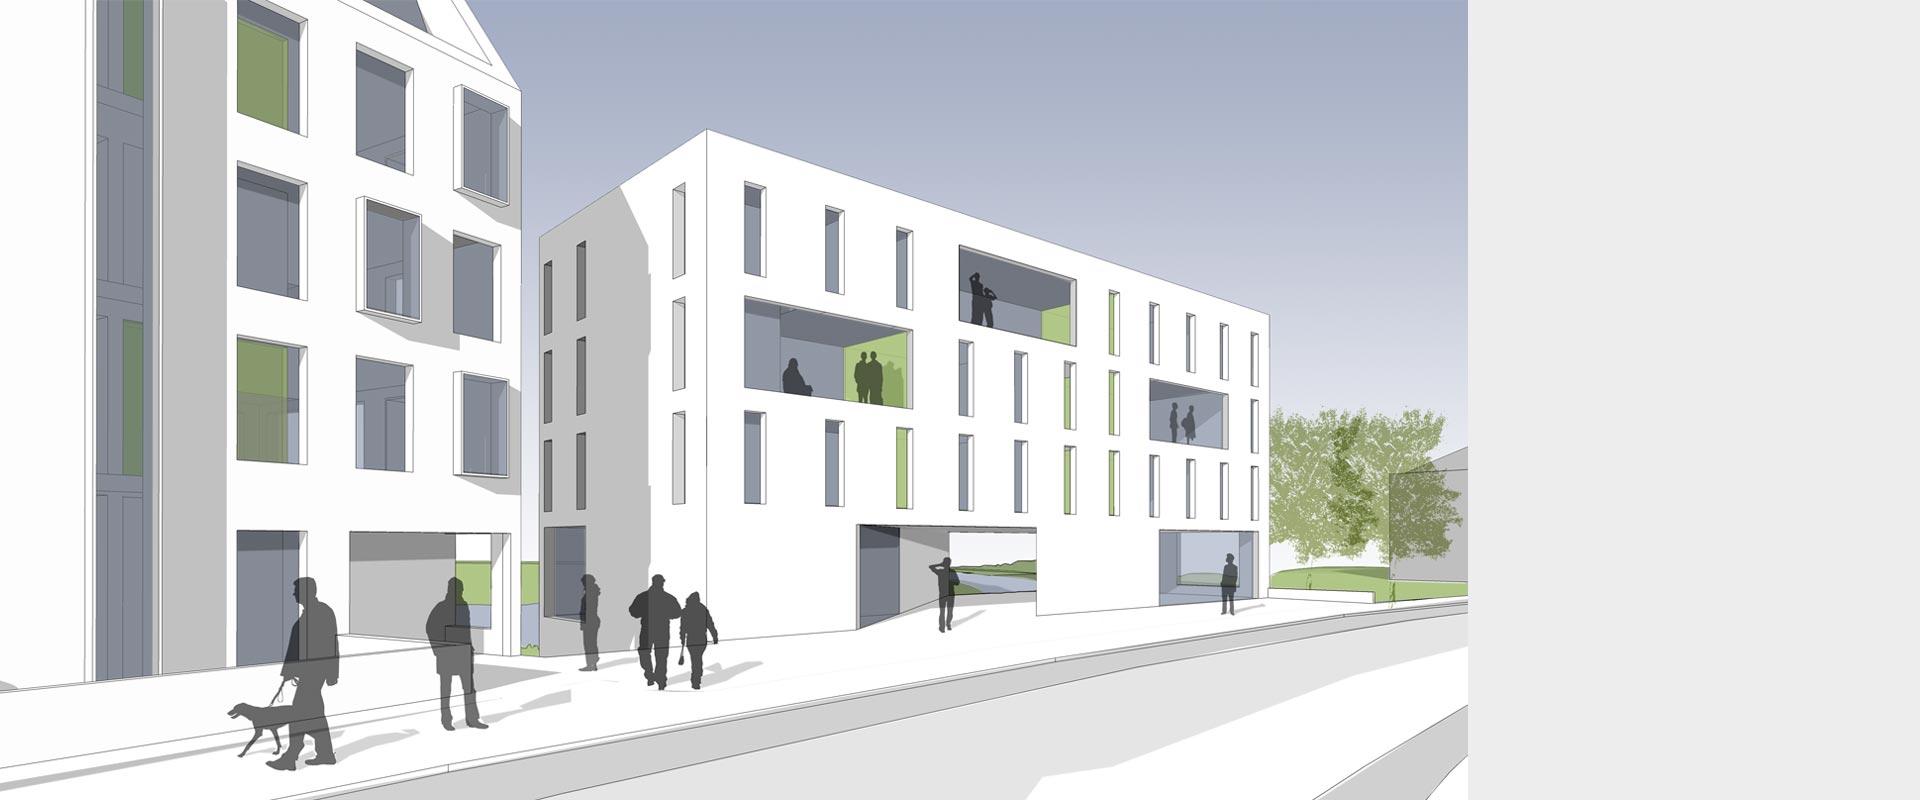 Architekturbüro Henning Musahl Waldshut Rheinschloss Wettbewerb